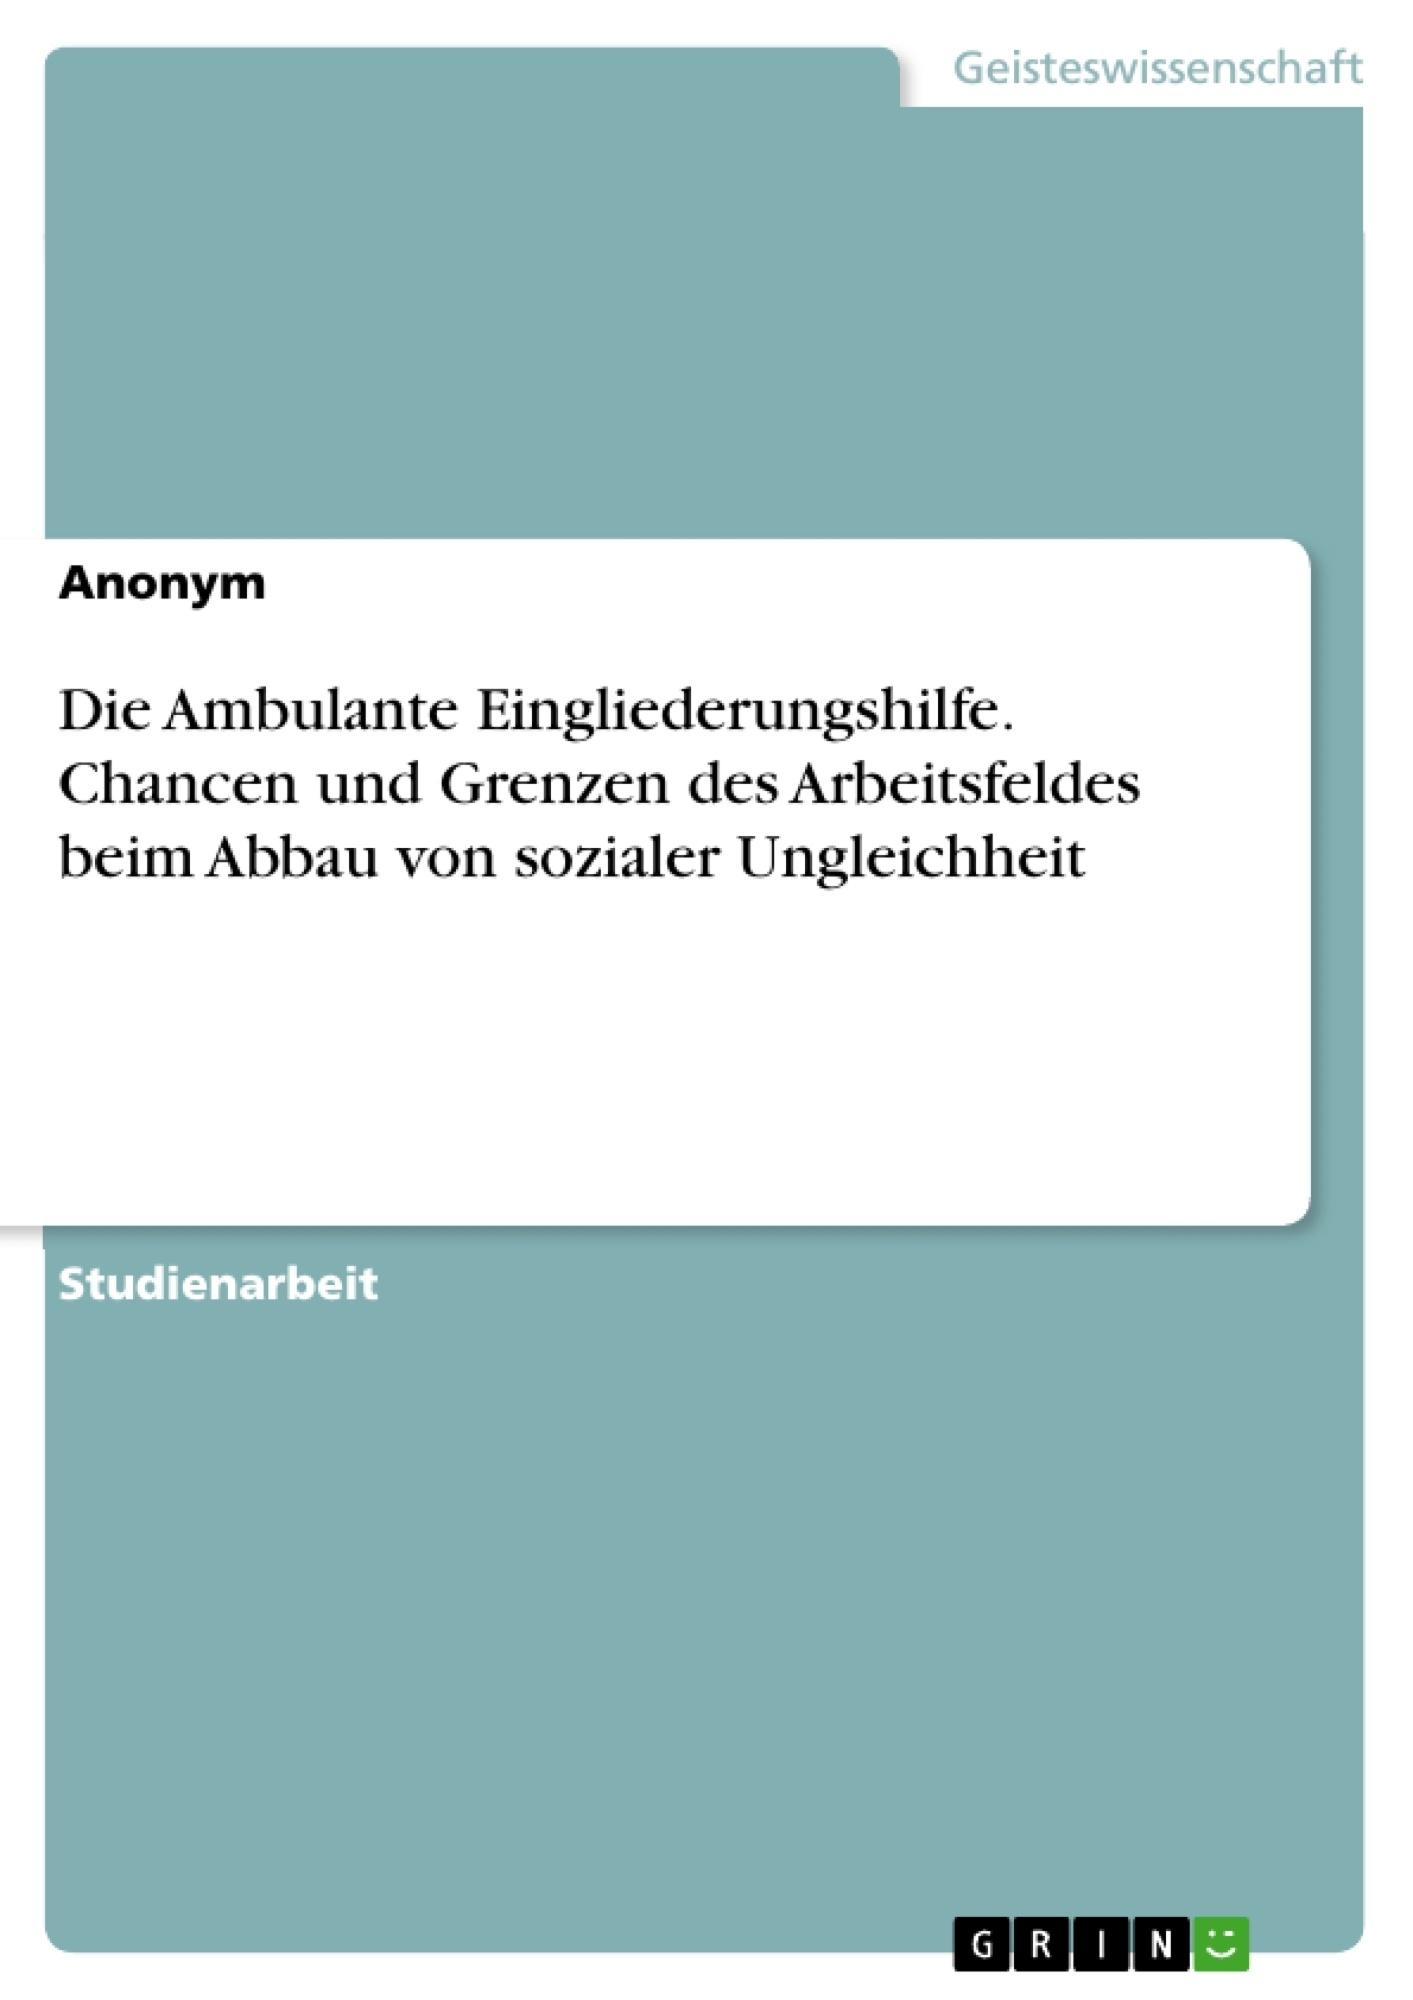 Titel: Die Ambulante Eingliederungshilfe. Chancen und Grenzen des Arbeitsfeldes beim Abbau von sozialer Ungleichheit